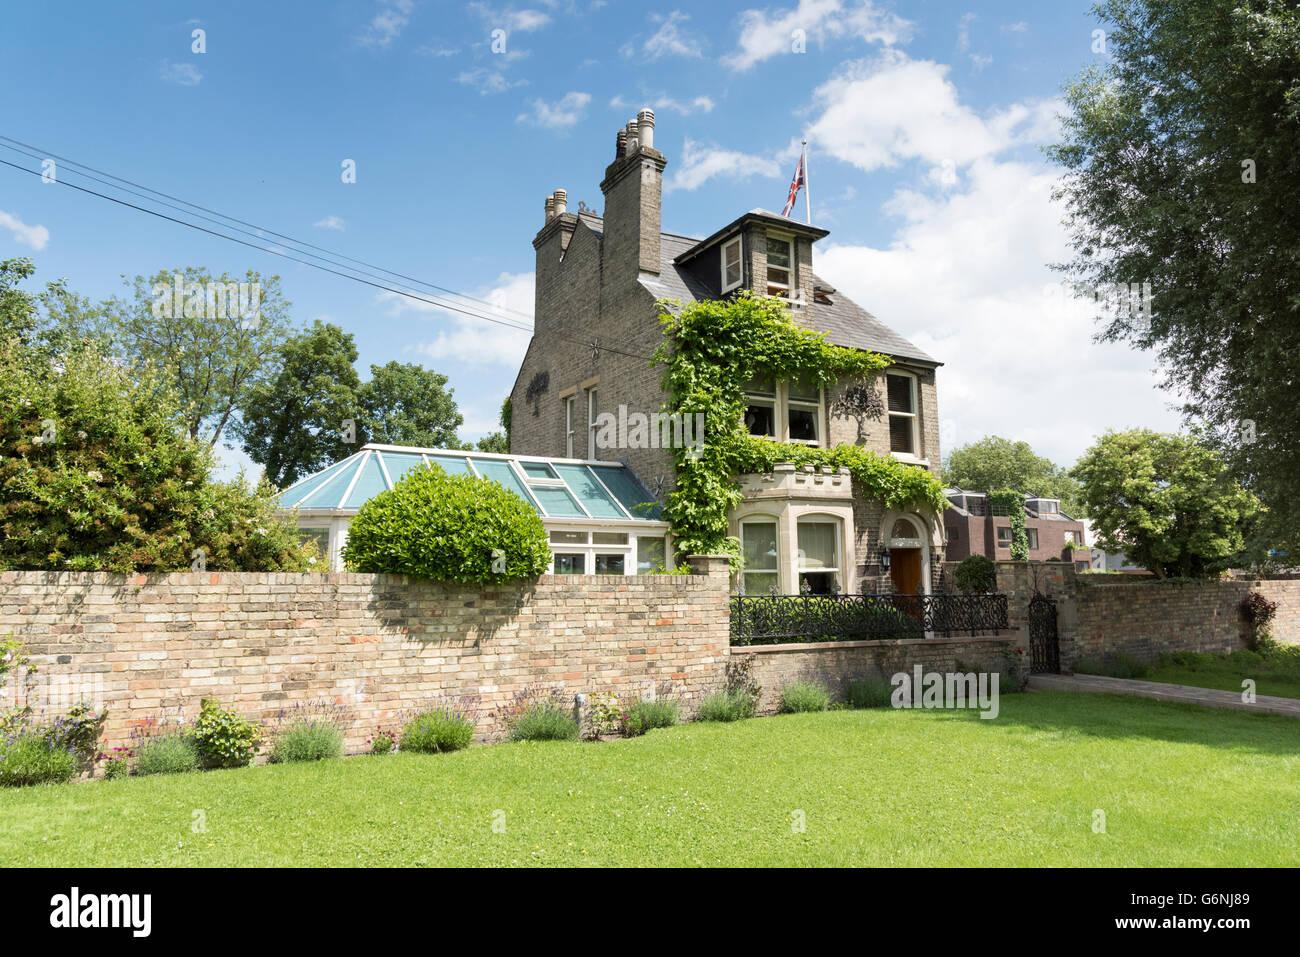 Midsummer House Restaurant Cambridge midsummer house stock photos & midsummer house stock images